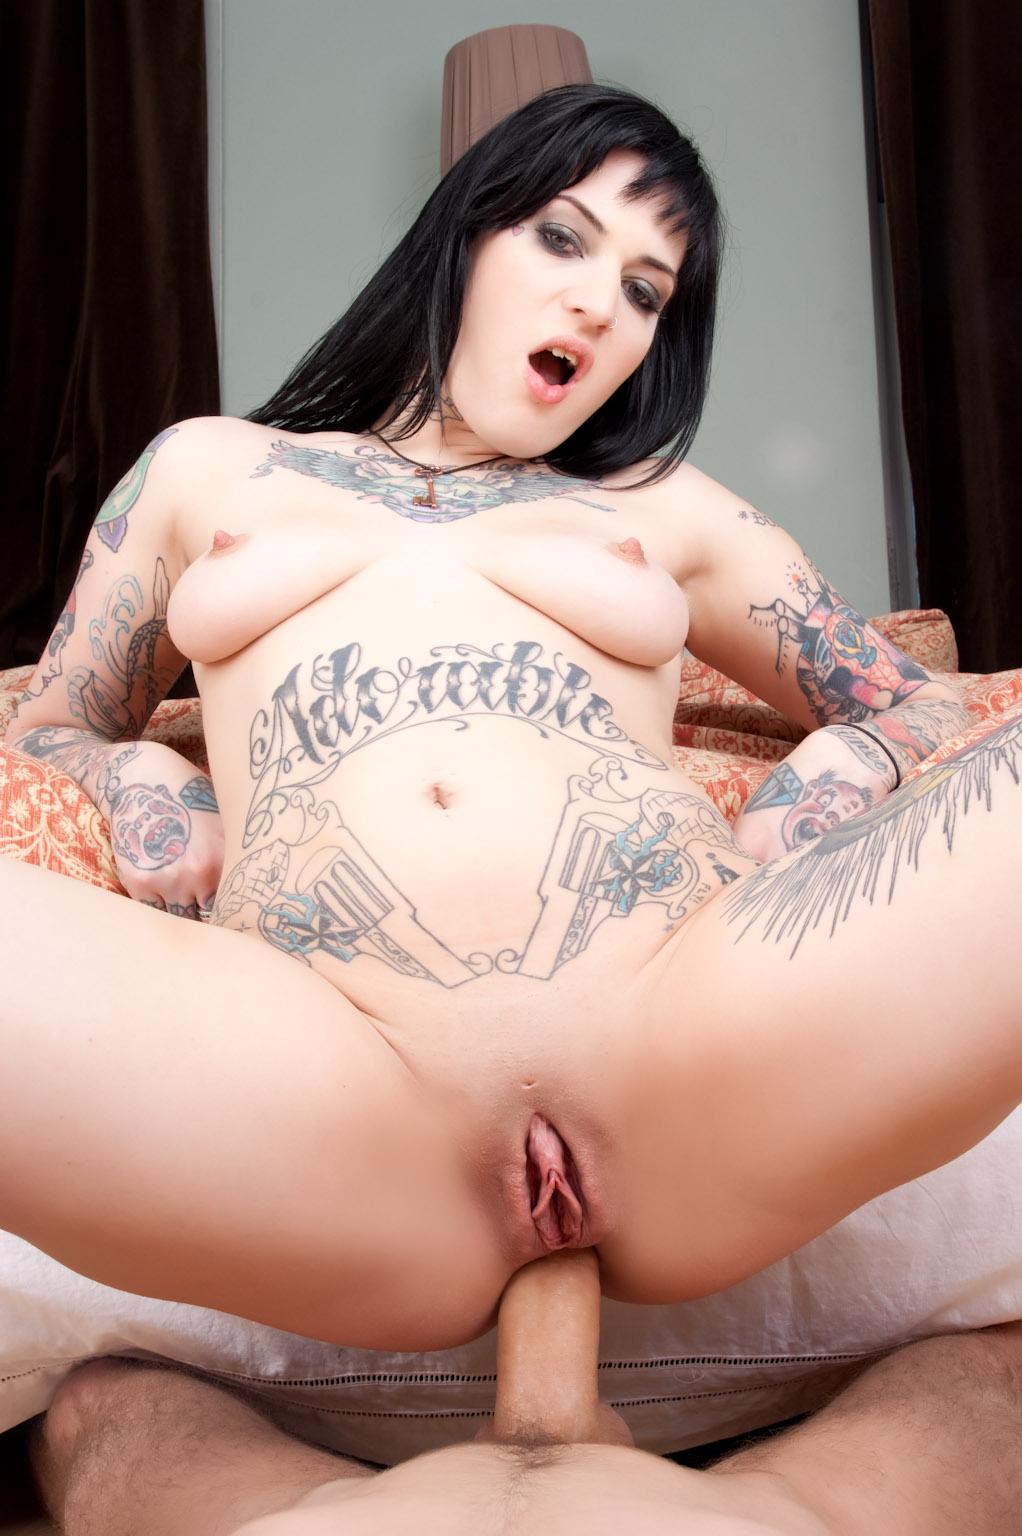 Kylee kross porn